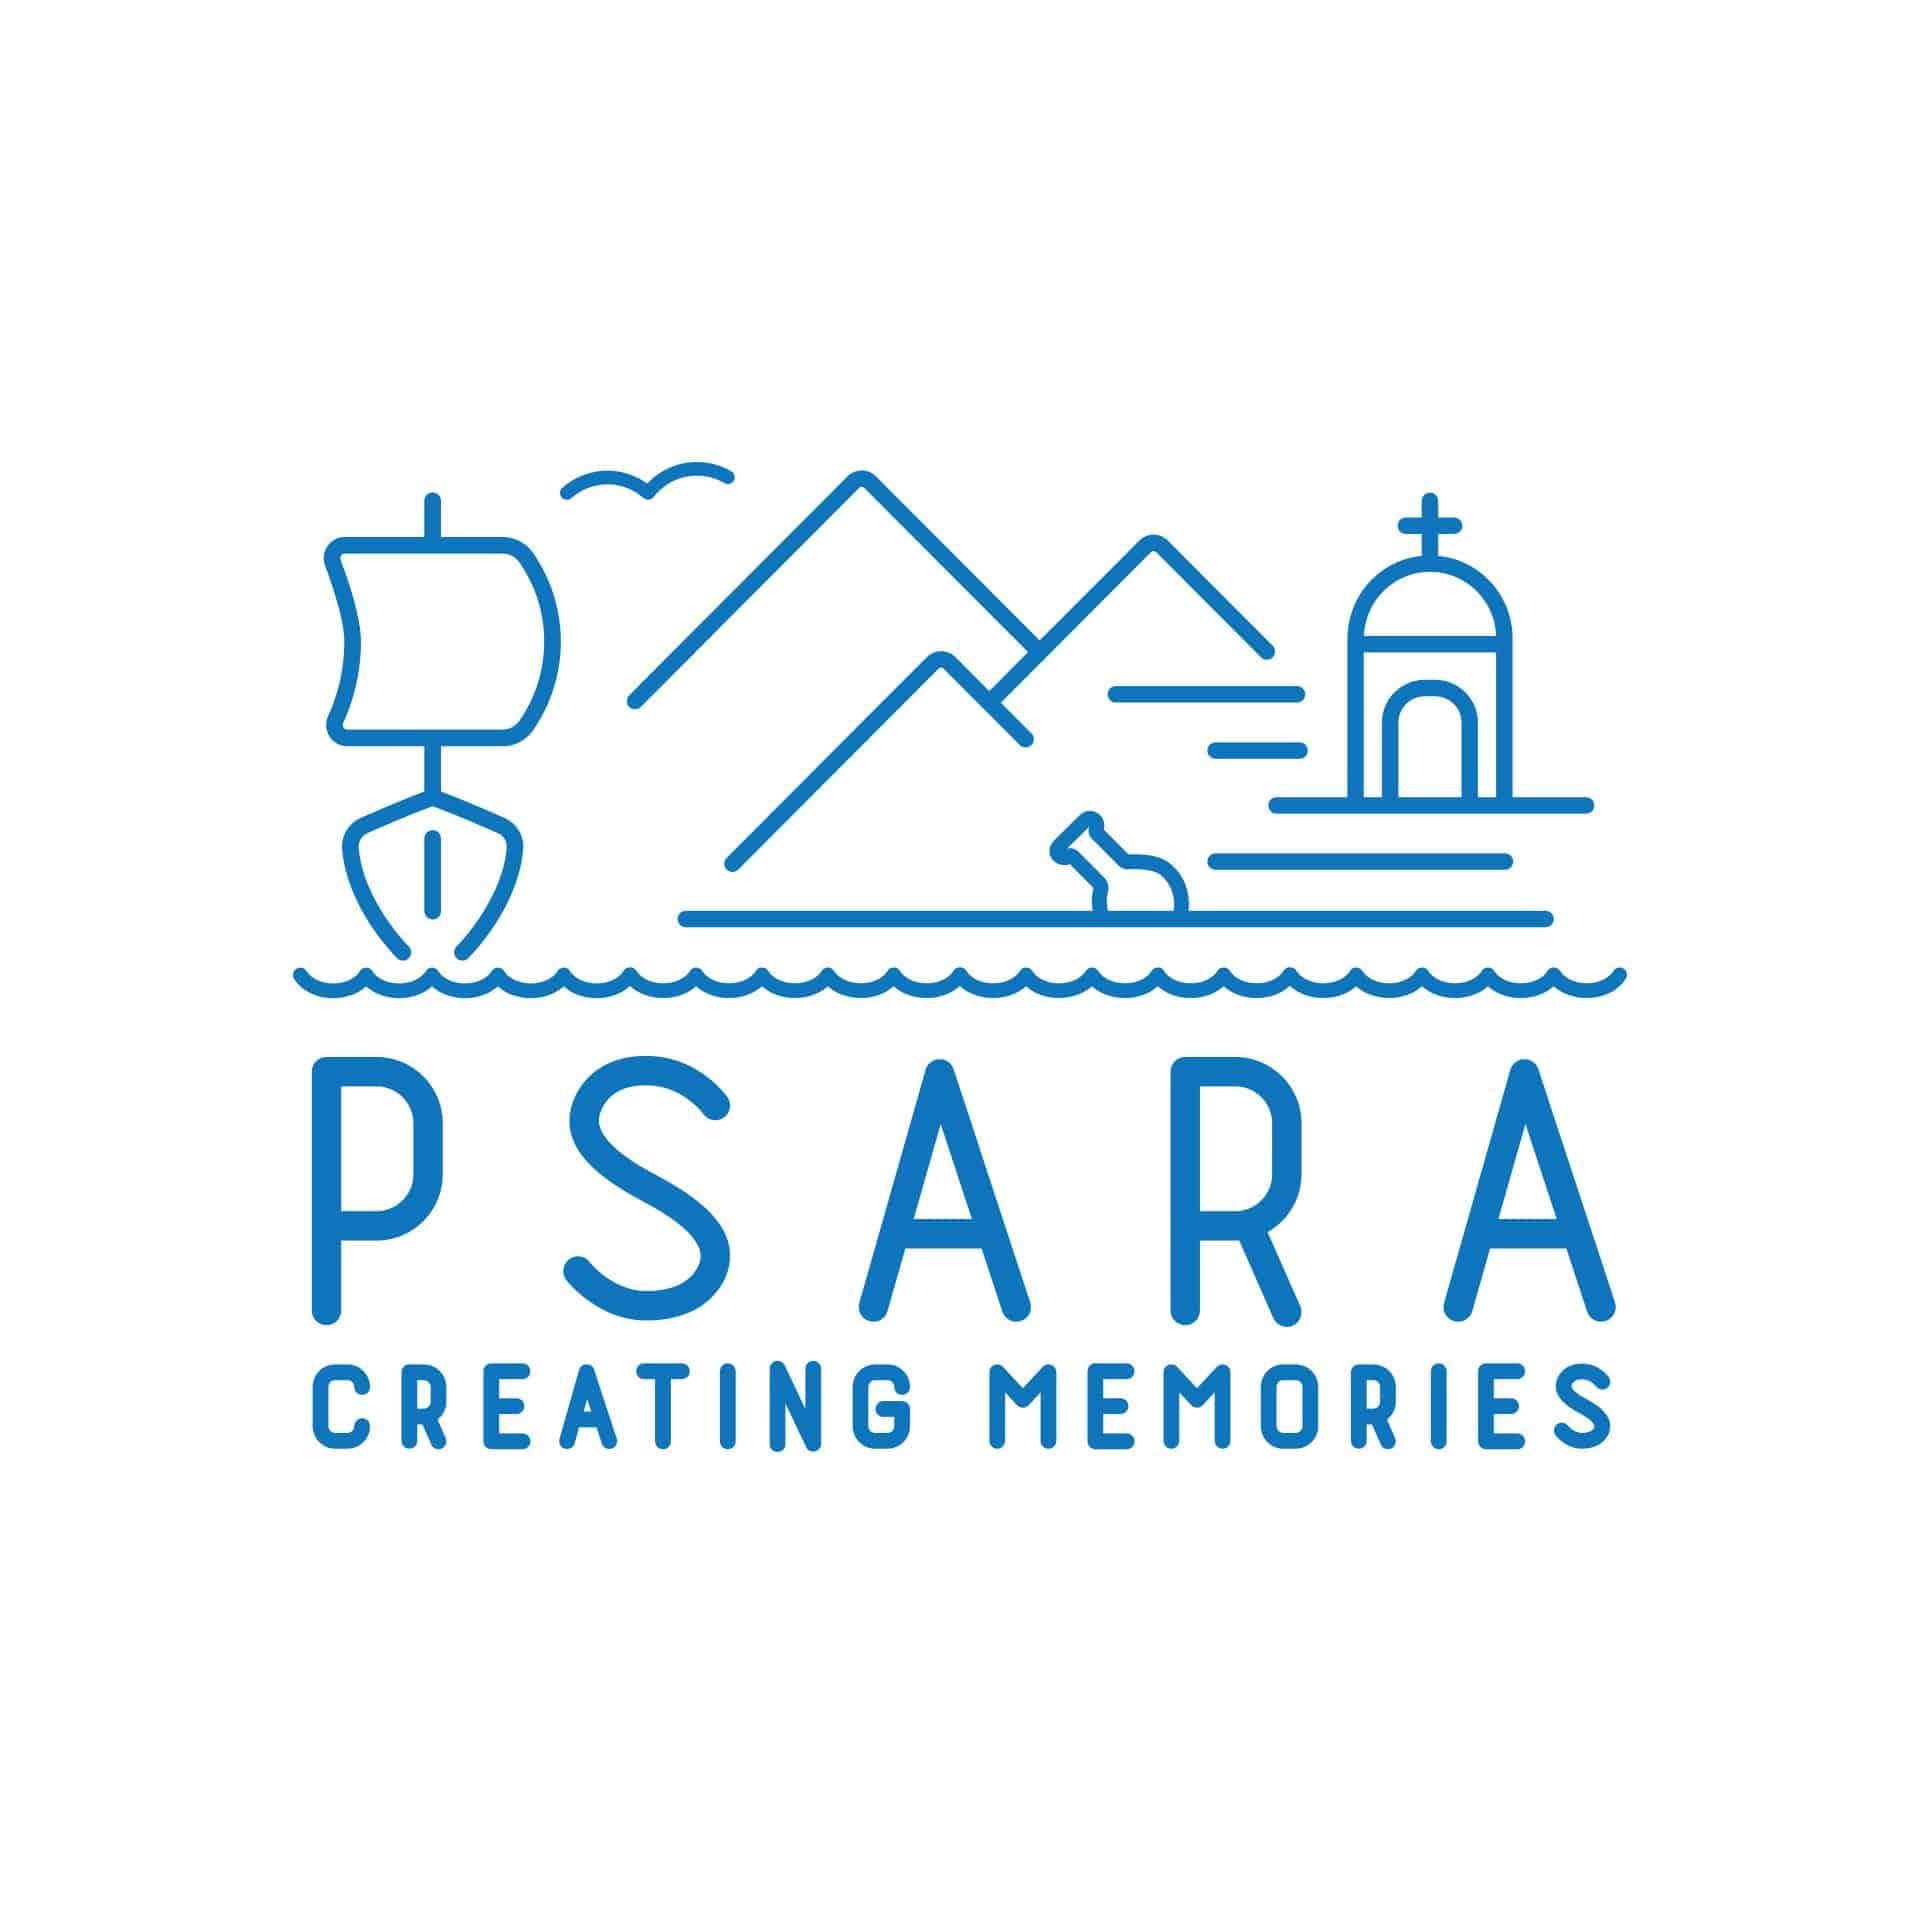 PROPAGANDA - psara logo 1